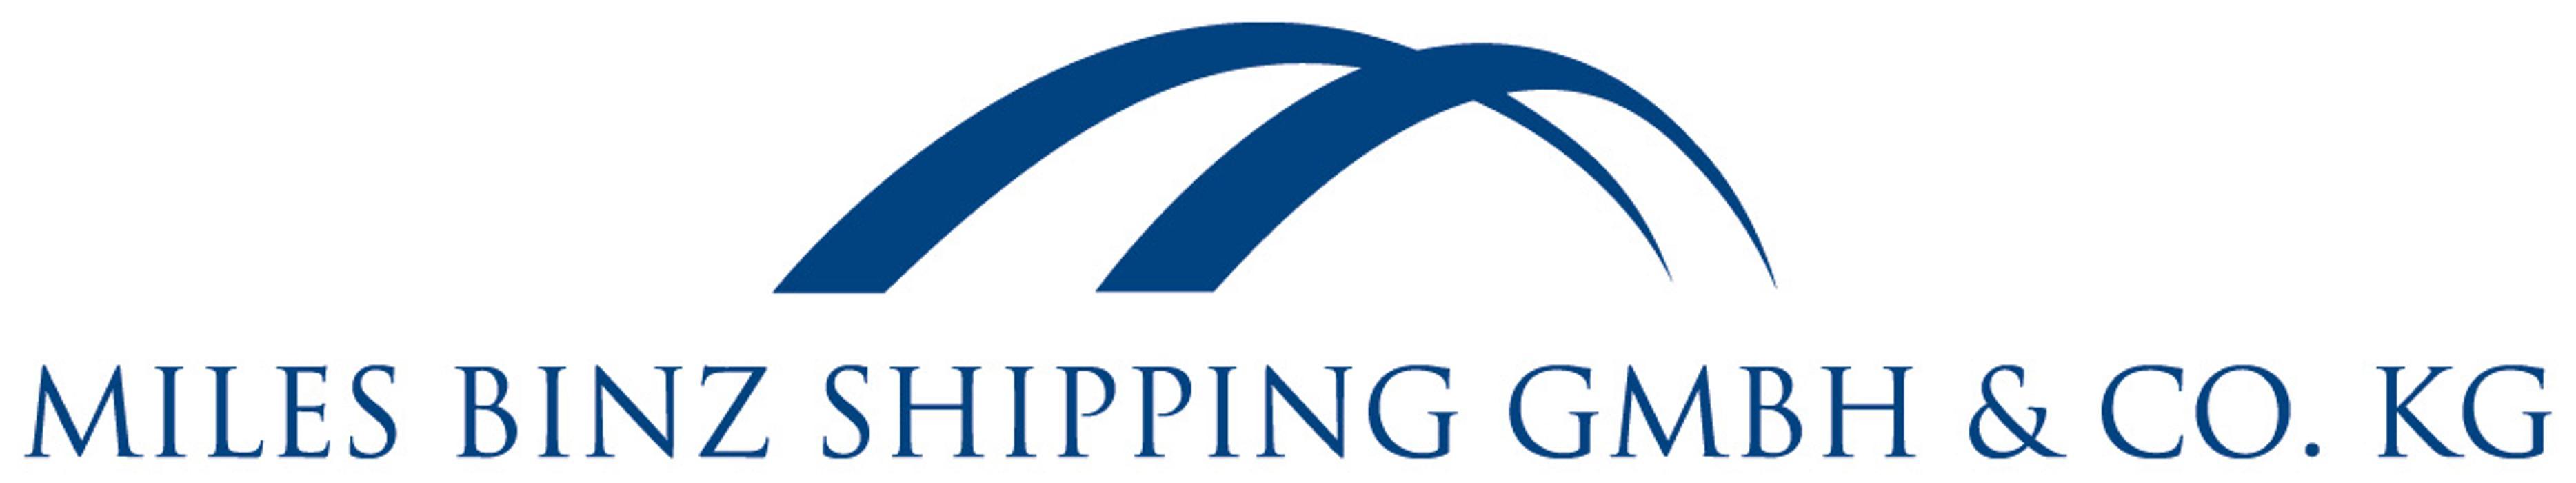 Bild zu Miles Binz Shipping GmbH & Co. KG in Hamburg